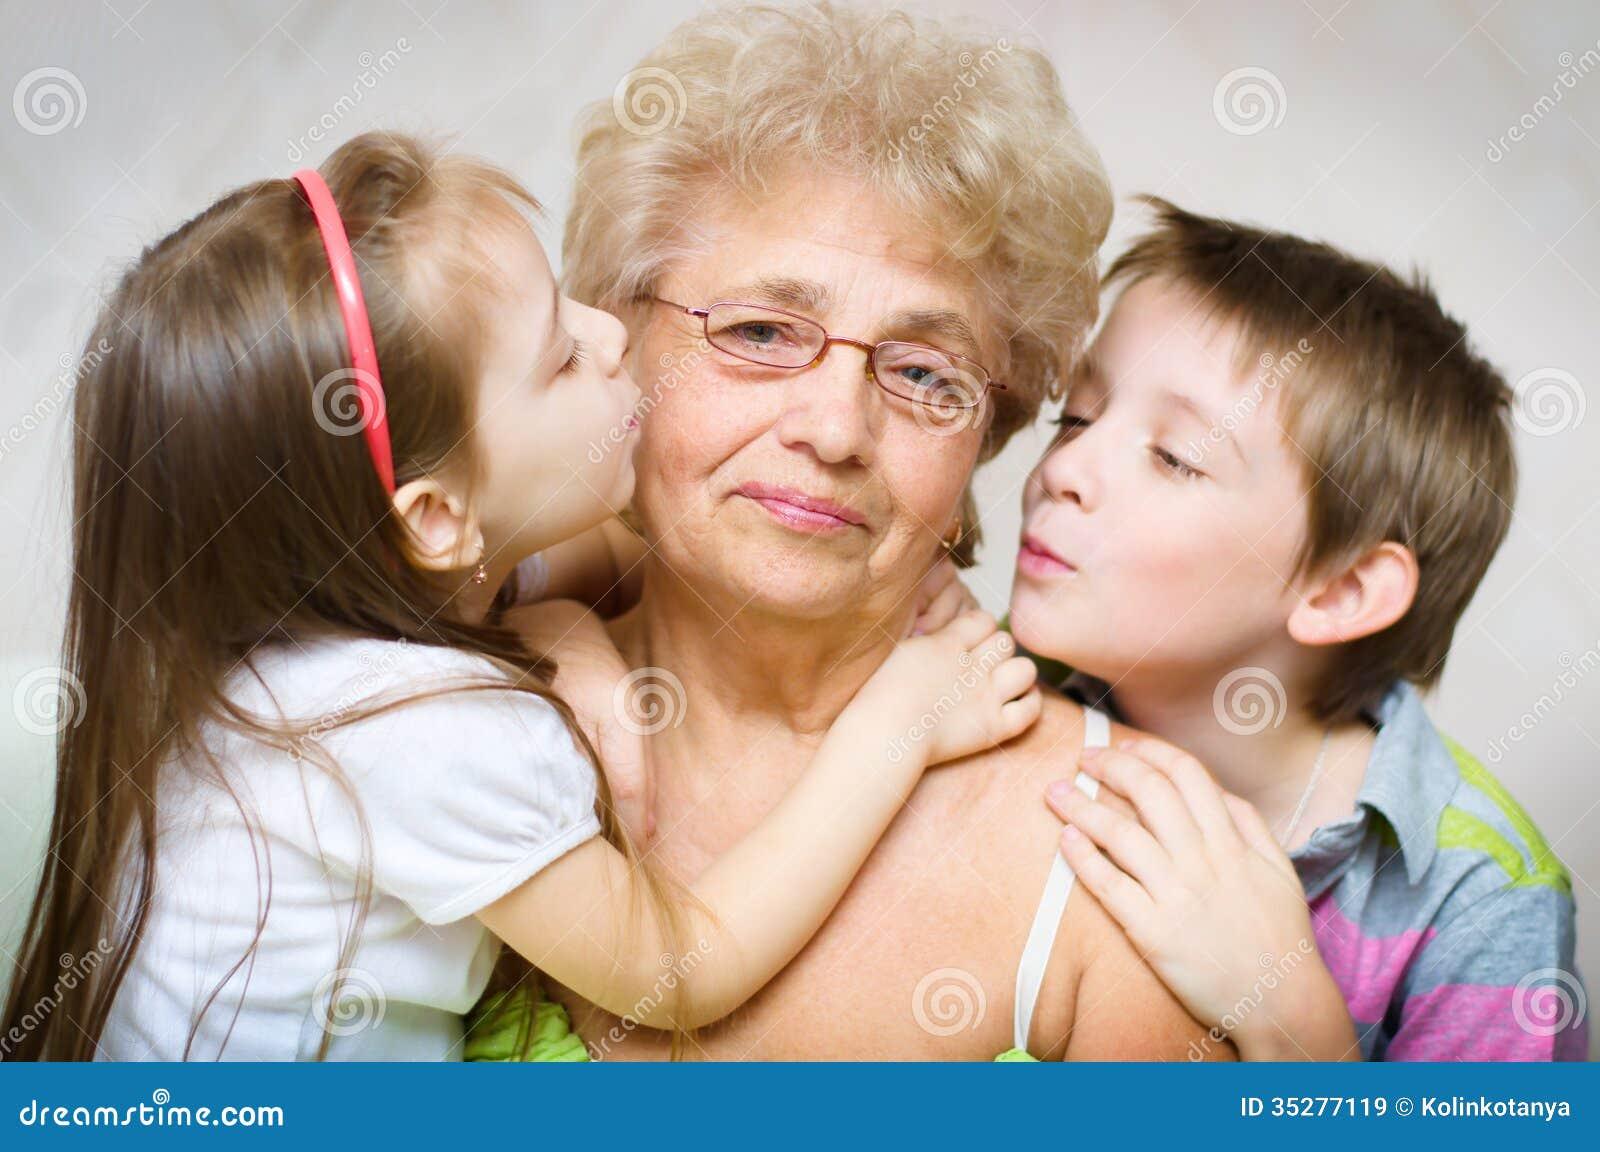 Смотреть бесплатно бабушка и внук 1 фотография